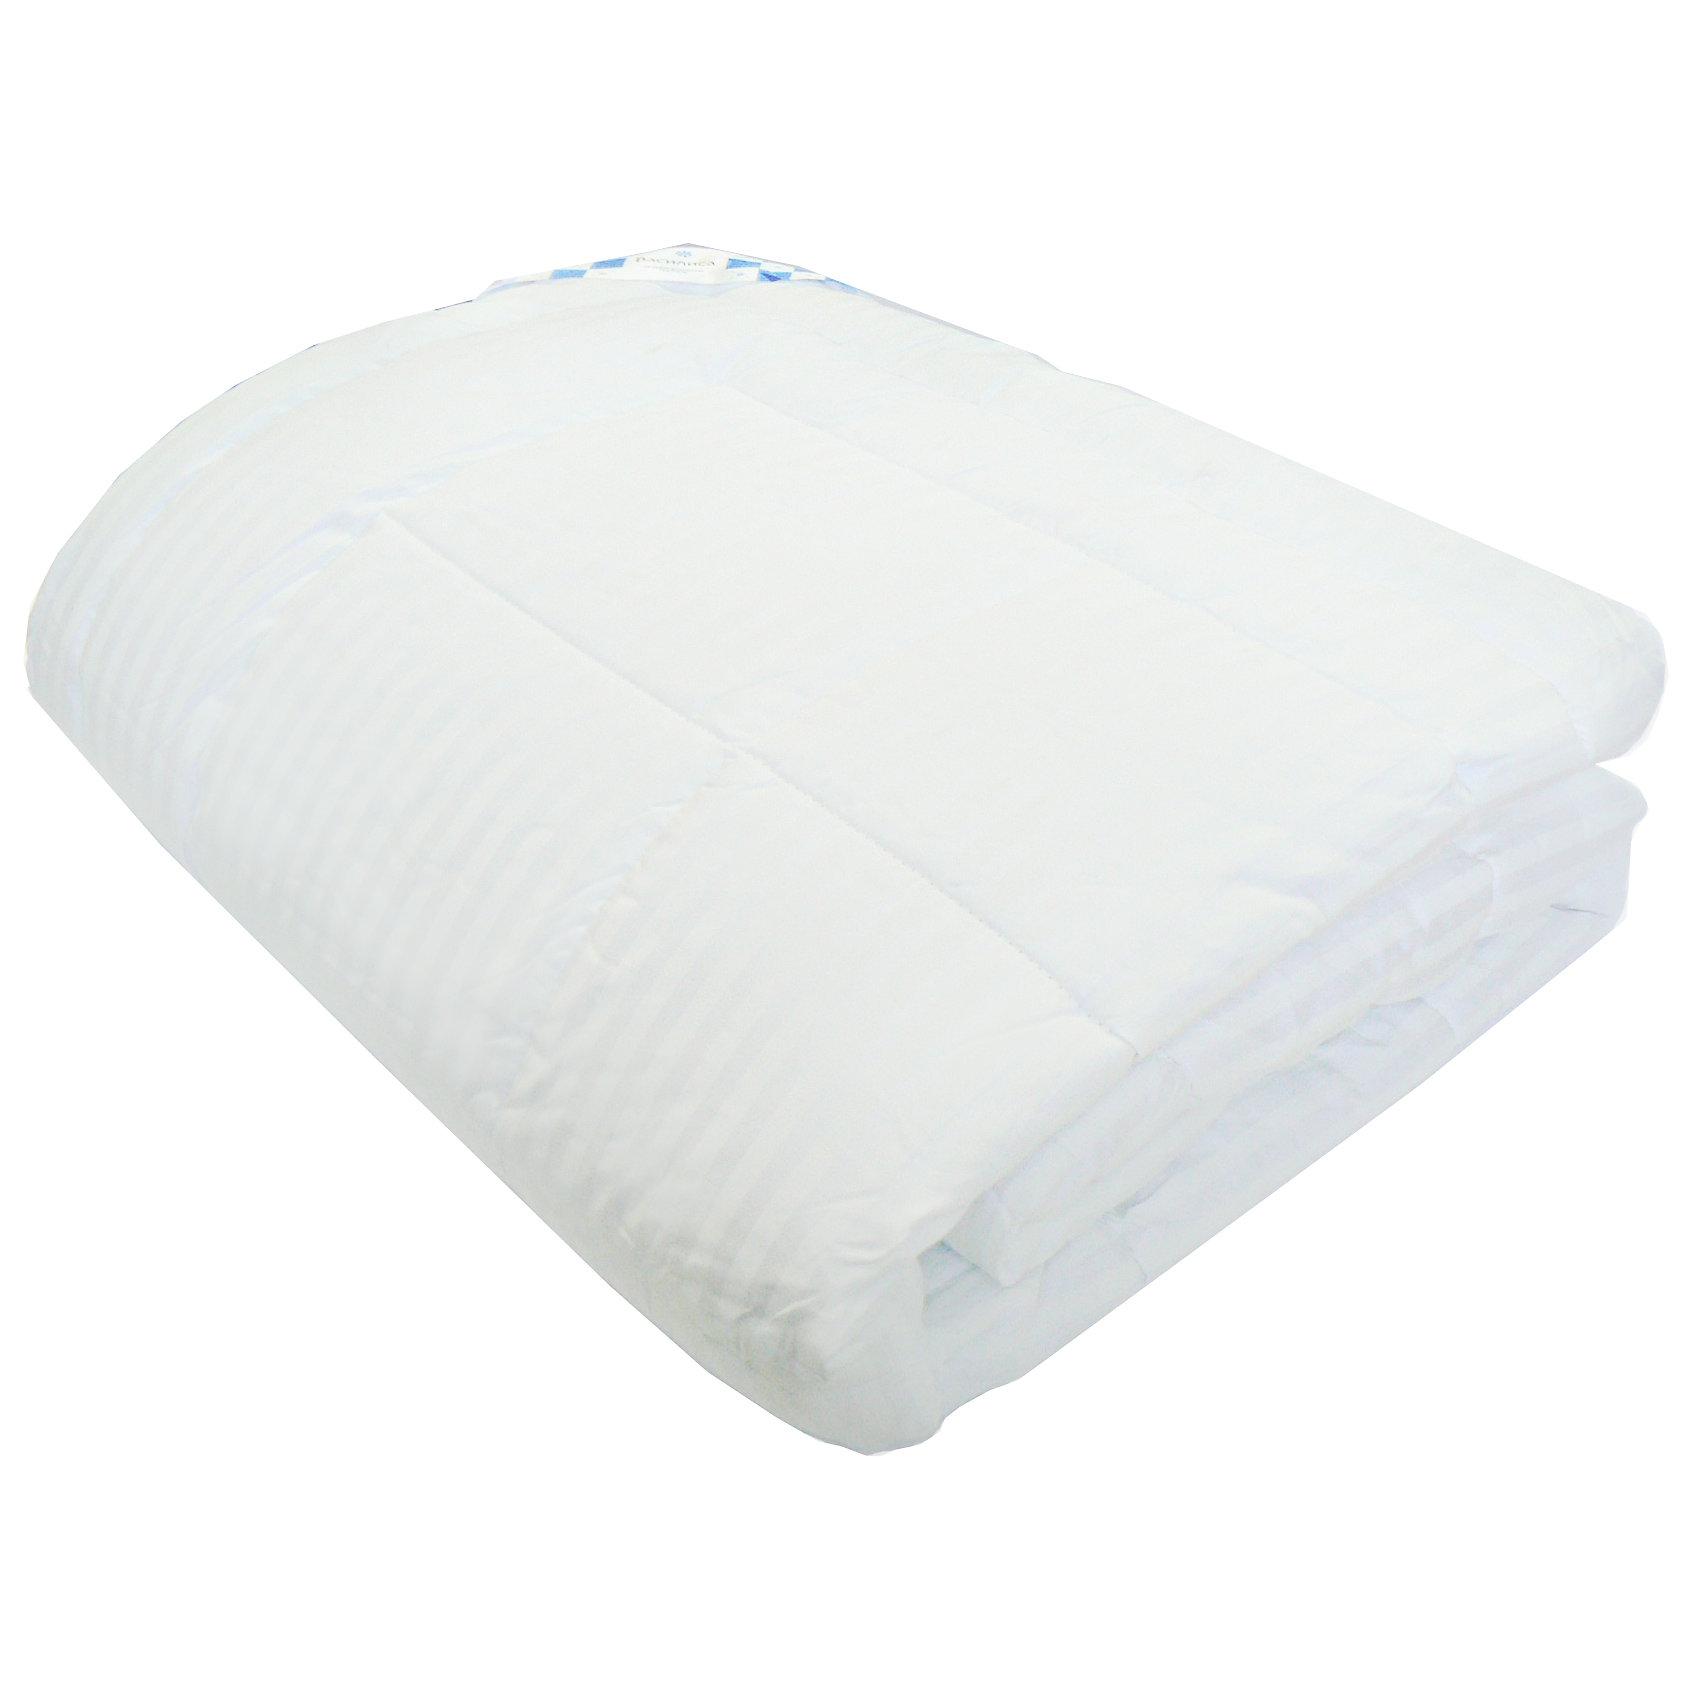 Одеяло Лебяжий пух 1,5-спальное, ВасилисаОдеяло Лебяжий пух 1,5-спальное, Василиса - это лучший выбор для здорового сна и отдыха.<br>Одеяла с наполнителем из искусственного лебяжьего пуха отличаются необыкновенной легкостью и мягкостью, что ставит их в один ряд с изделиями из натурального пуха. Они идеальны для сна. Искусственный лебяжий пух, обладая характерными для природного материала свойствами, в тоже время лишен его недостатков. Он устойчив к появлению пылевых клещей и грибков, не вызывает аллергические реакции, не впитывает посторонние запахи, не сбивается в комки. Чехол одеяла выполнен из сатина. Сатин – плотная хлопковая ткань, прочная, износоустойчивая и очень красивая. Мягкость и блеск ее часто сравнивают с шелком. С таким одеялом Ваш сон будет максимально комфортным.<br><br>Дополнительная информация:<br><br>- Размер: 140х205 см. (1,5 спальное)<br>- Материал верха: сатин<br>- Наполнитель: сверхтонкое полиэфирное силиконизированое микроволокно «лебяжий пух»<br>- Плотность: 350 г/м2<br><br>Одеяло Лебяжий пух 1,5-спальное, Василиса можно купить в нашем интернет-магазине.<br><br>Ширина мм: 620<br>Глубина мм: 110<br>Высота мм: 450<br>Вес г: 1400<br>Возраст от месяцев: 36<br>Возраст до месяцев: 192<br>Пол: Унисекс<br>Возраст: Детский<br>SKU: 4645564